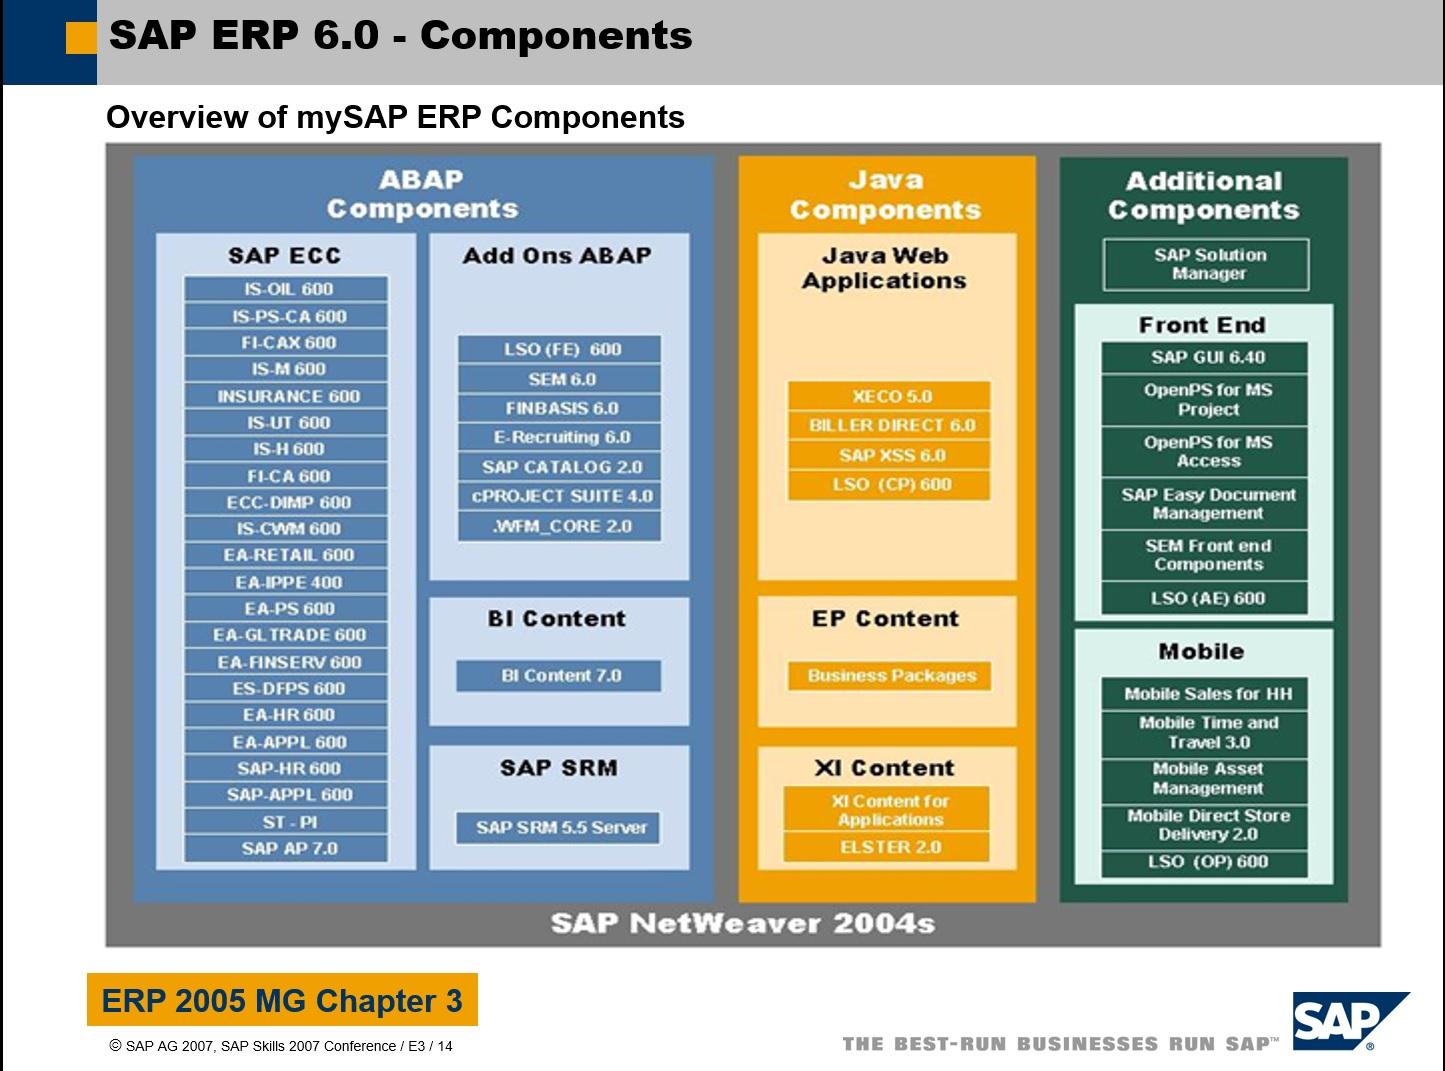 SAP%20ERP%206.0%20-%20SAP%20ECC%20components